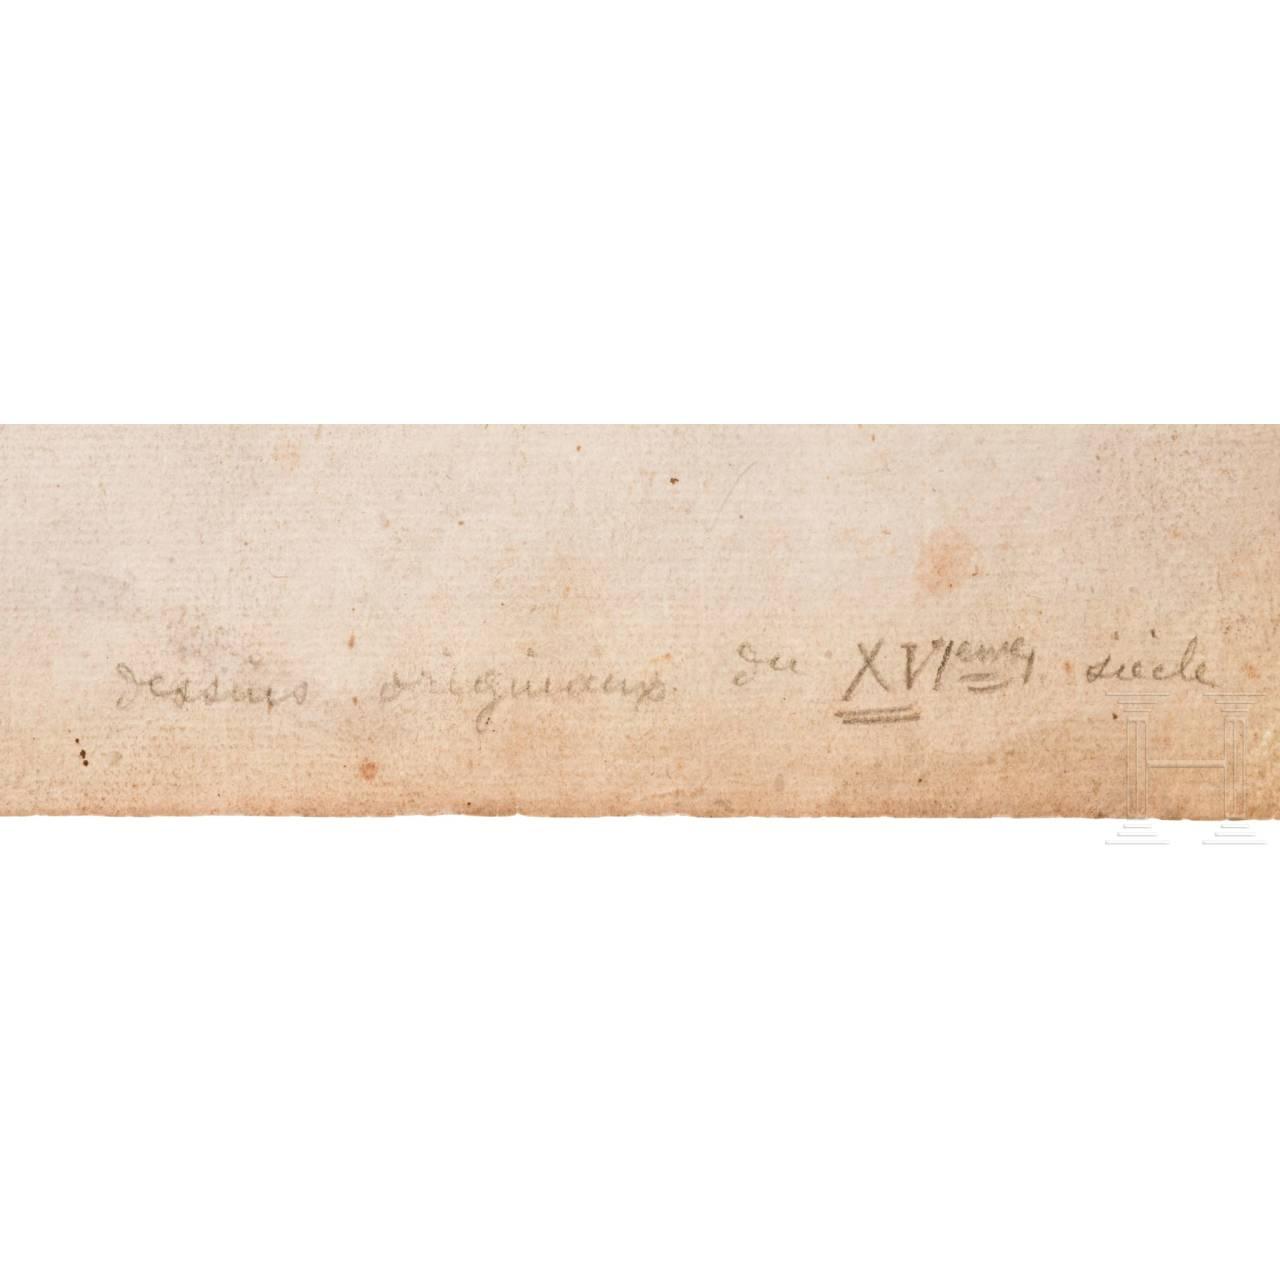 Gaetano Piccini (ca. 1700 - ca. 1750), Altmeister-Zeichnung einer Groteske, Italien, 18. Jhdt.